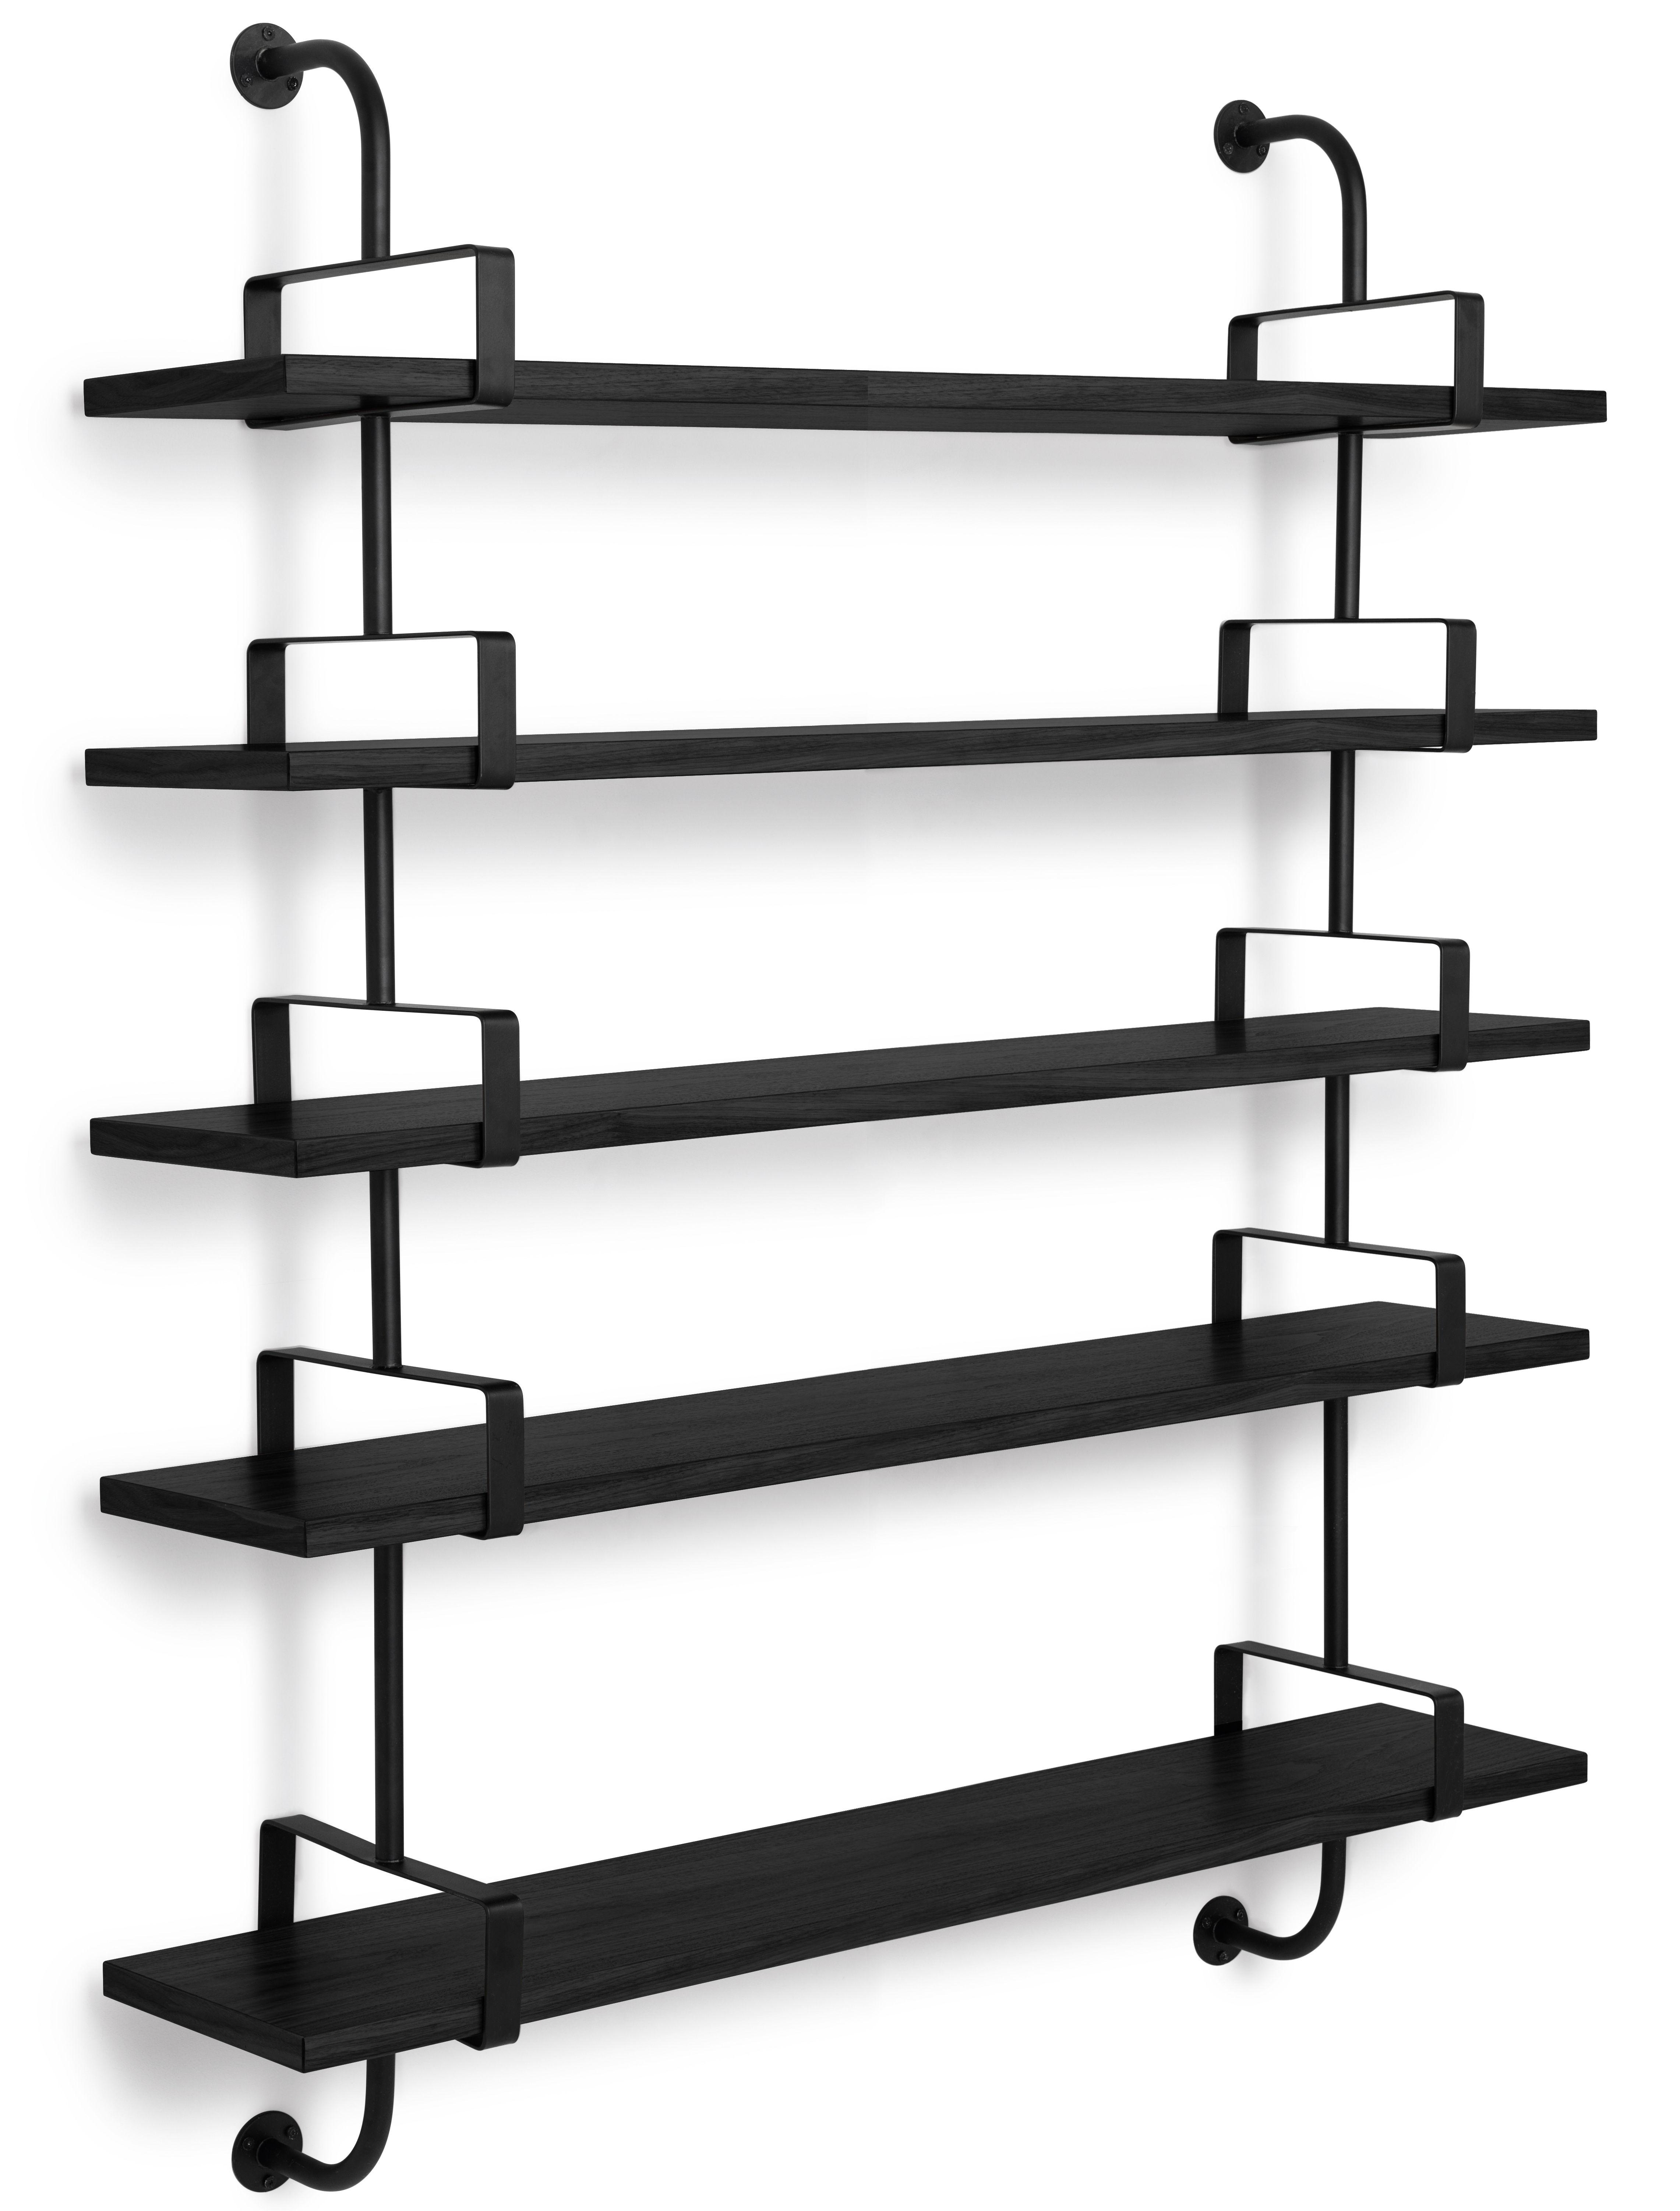 Arredamento - Scaffali e librerie - Scaffale Demon - / Matégot - L 155 x H 150 cm - Riedizione 54' di Gubi - Nero / Montanti neri - Frassino tinto, metallo verniciato